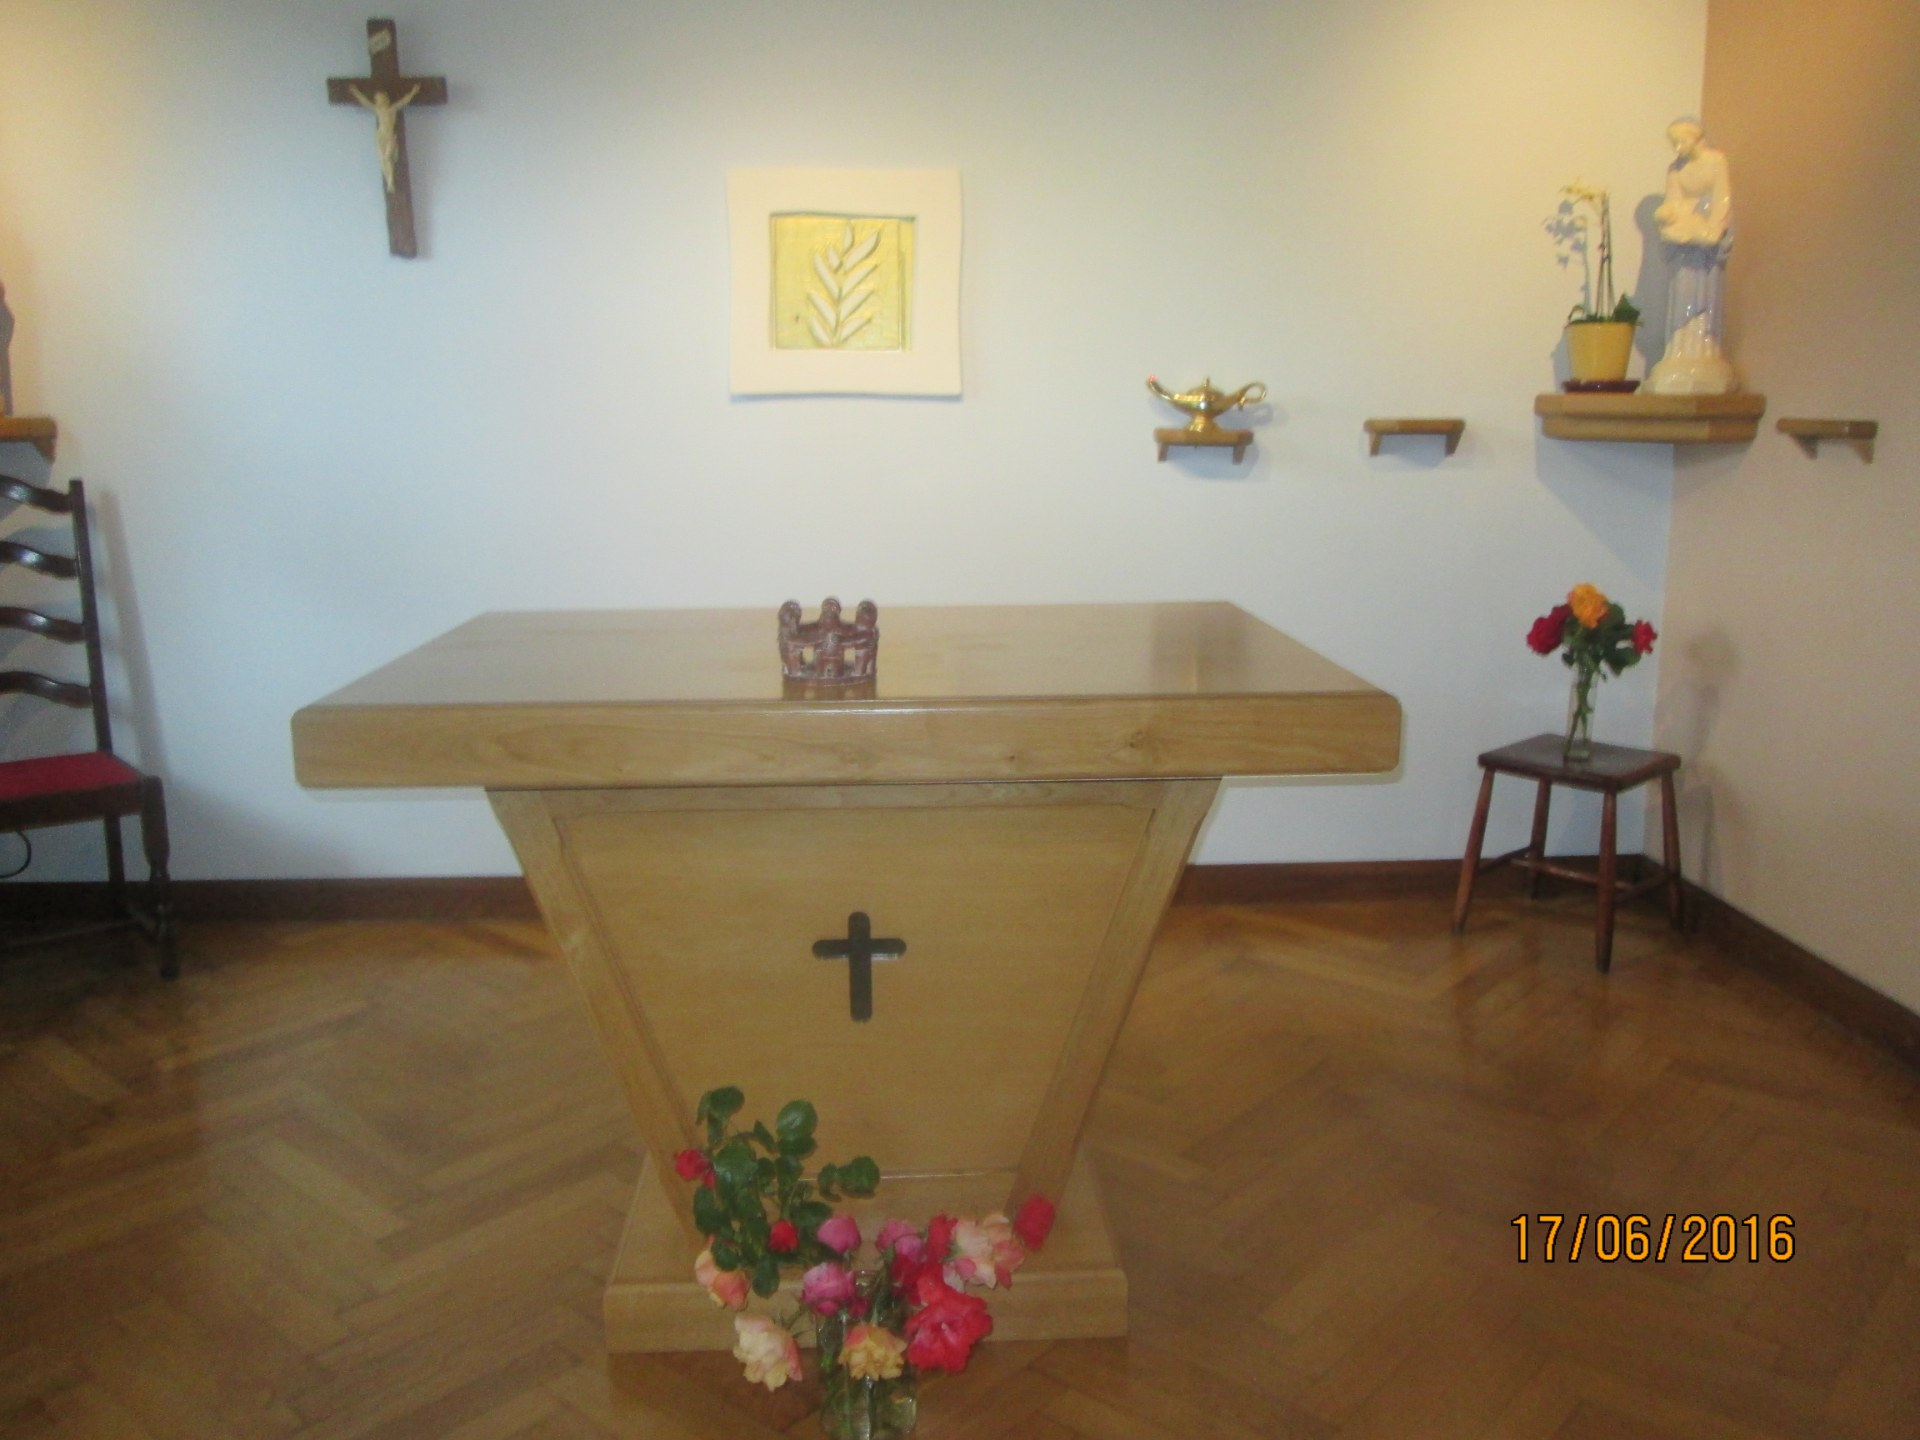 Le collège sainte ide en visite à la communauté cenacolo à hondeghem